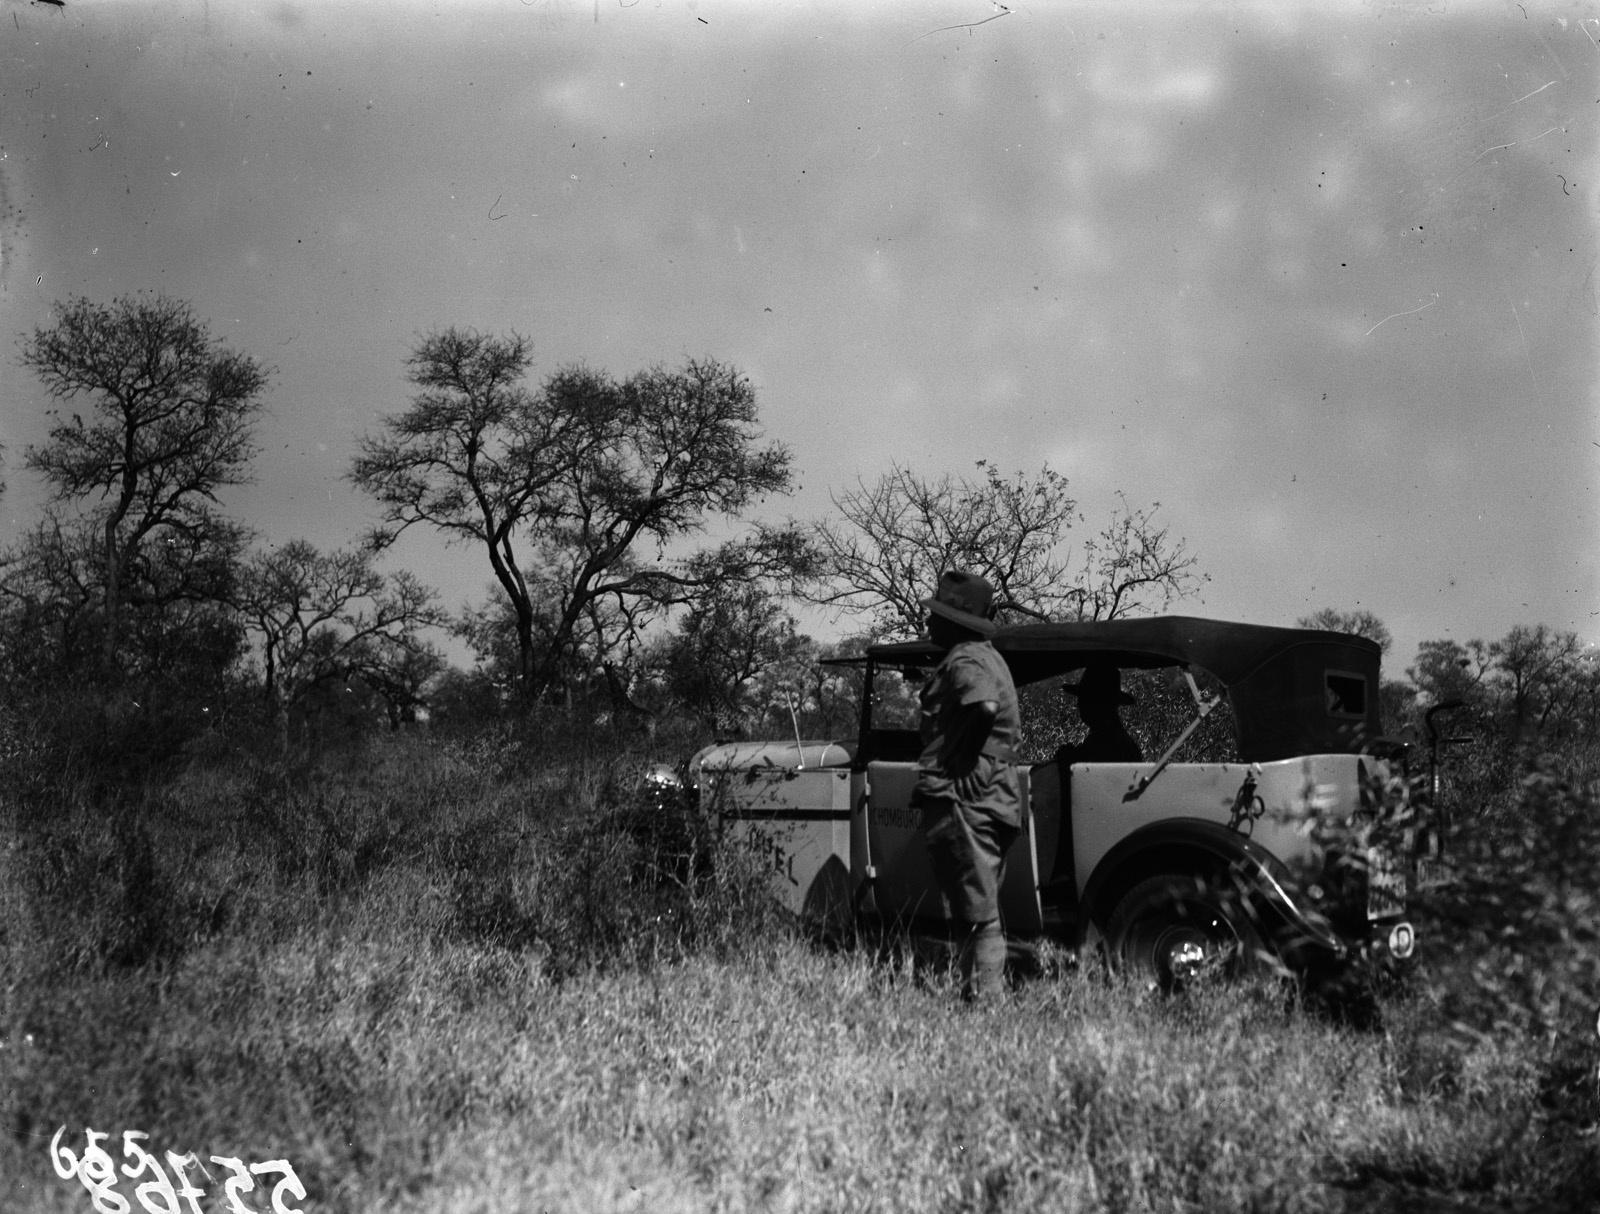 Национальный парк Крюгера. На переднем плане автомобиль экспедиции. На заднем плане группа жирафов